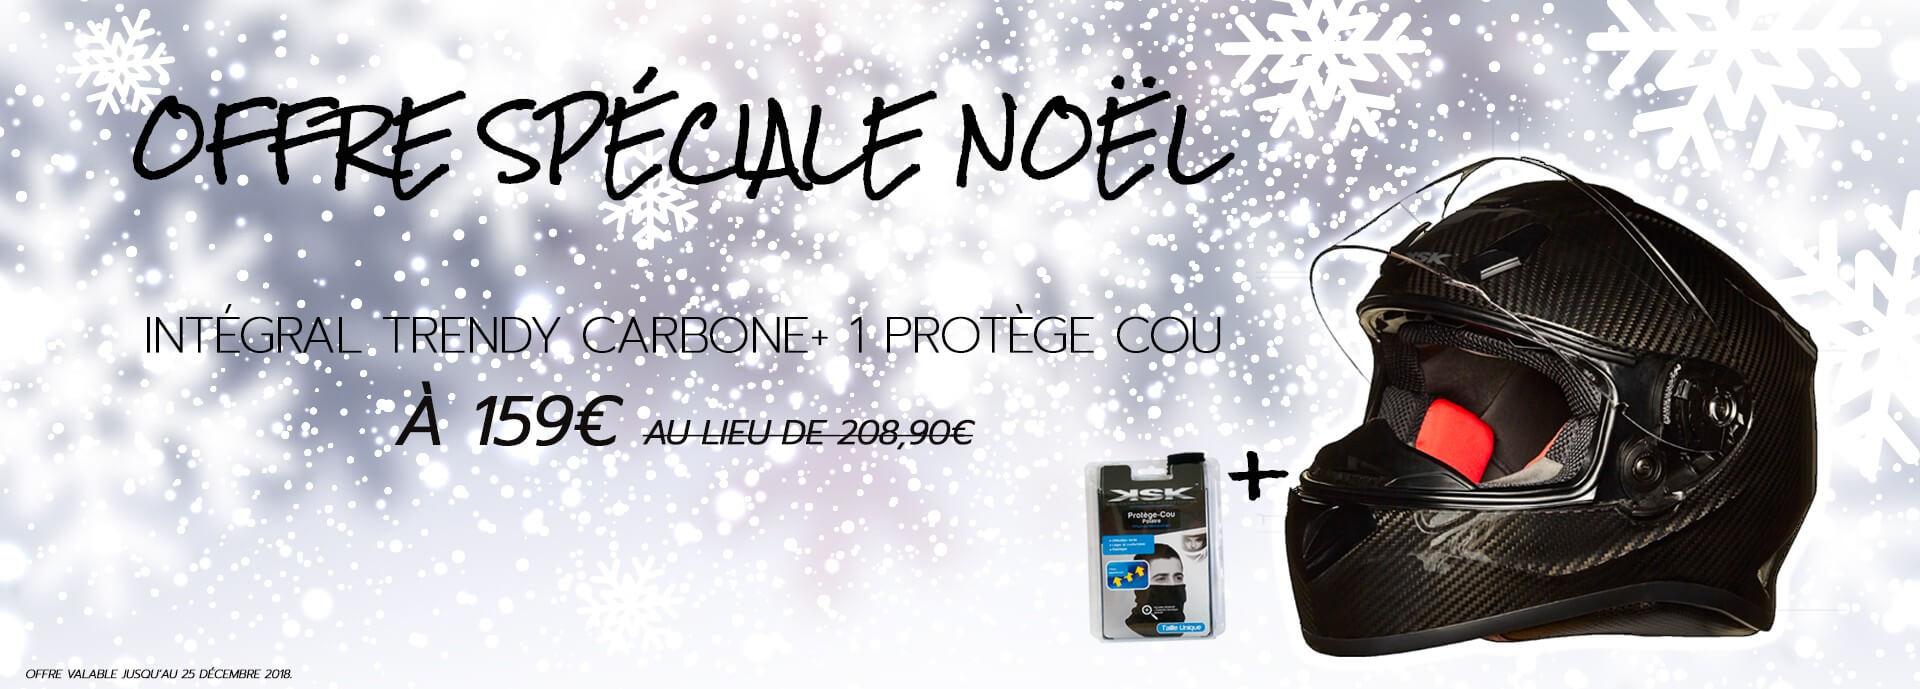 Offre spéciale Noël - Casque Intégral Trendy